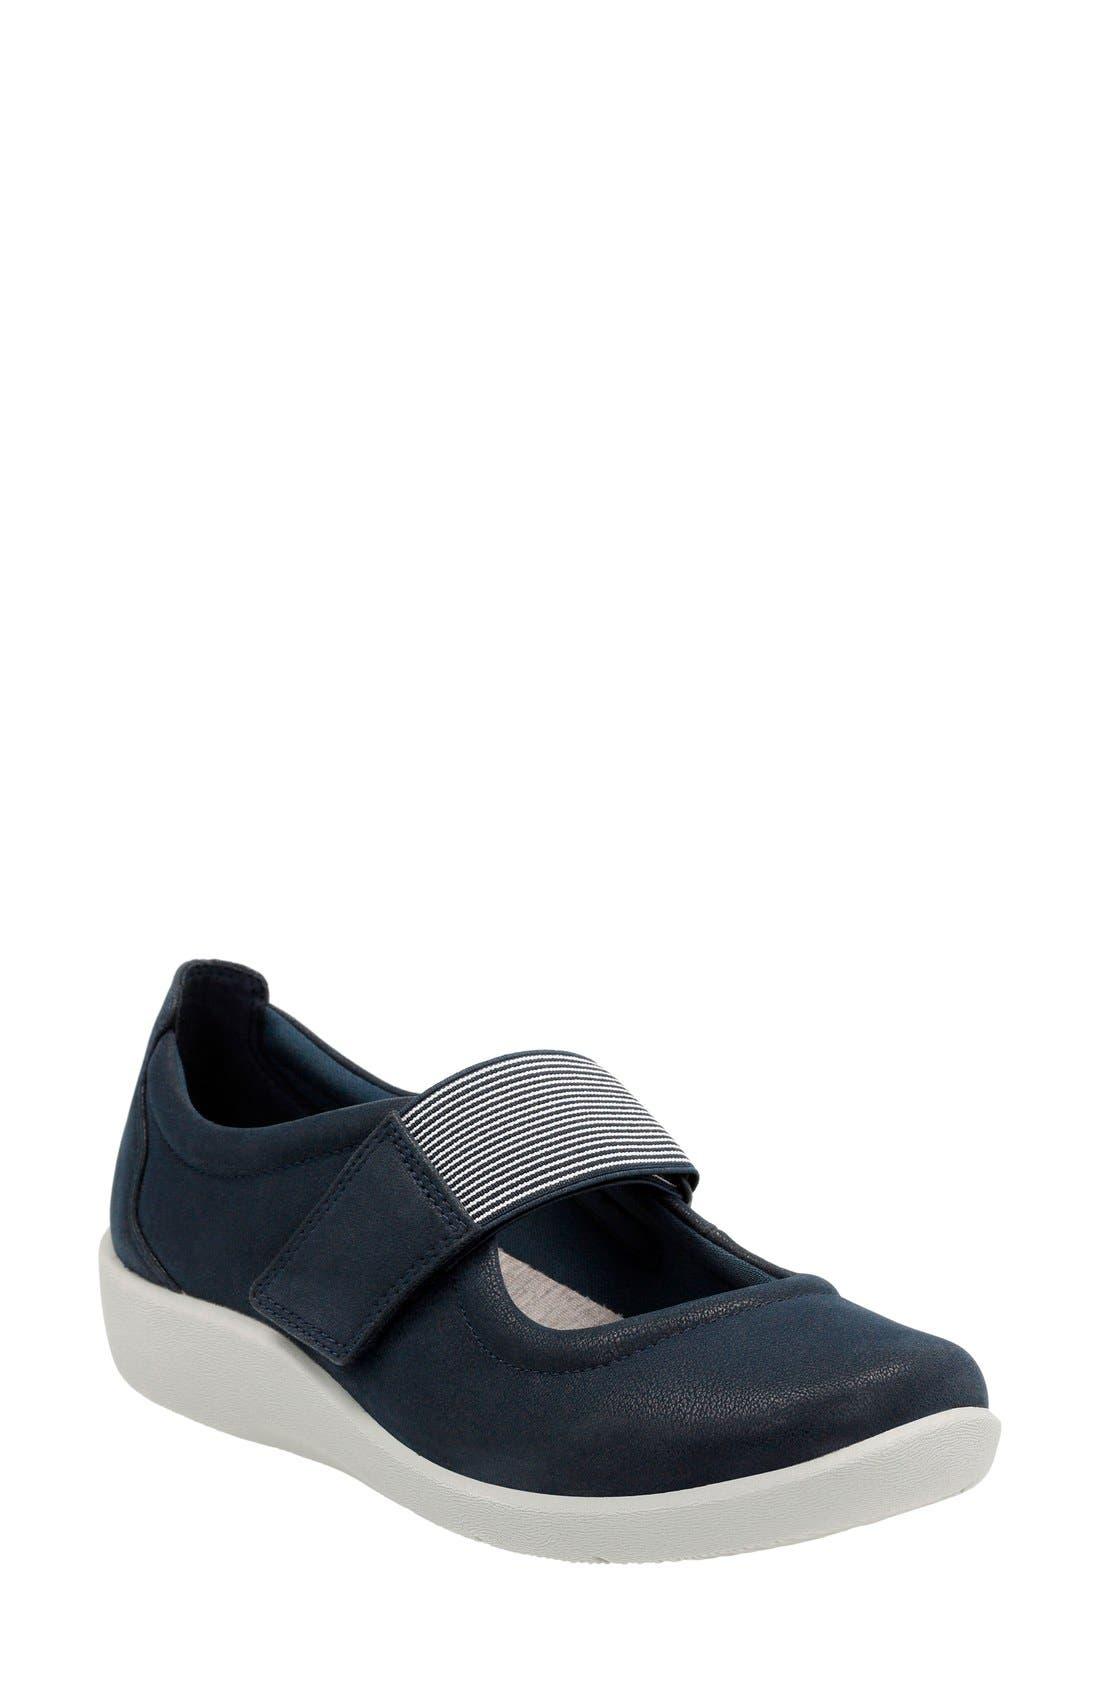 Clarks® Sillian Cala Sneaker (Women)